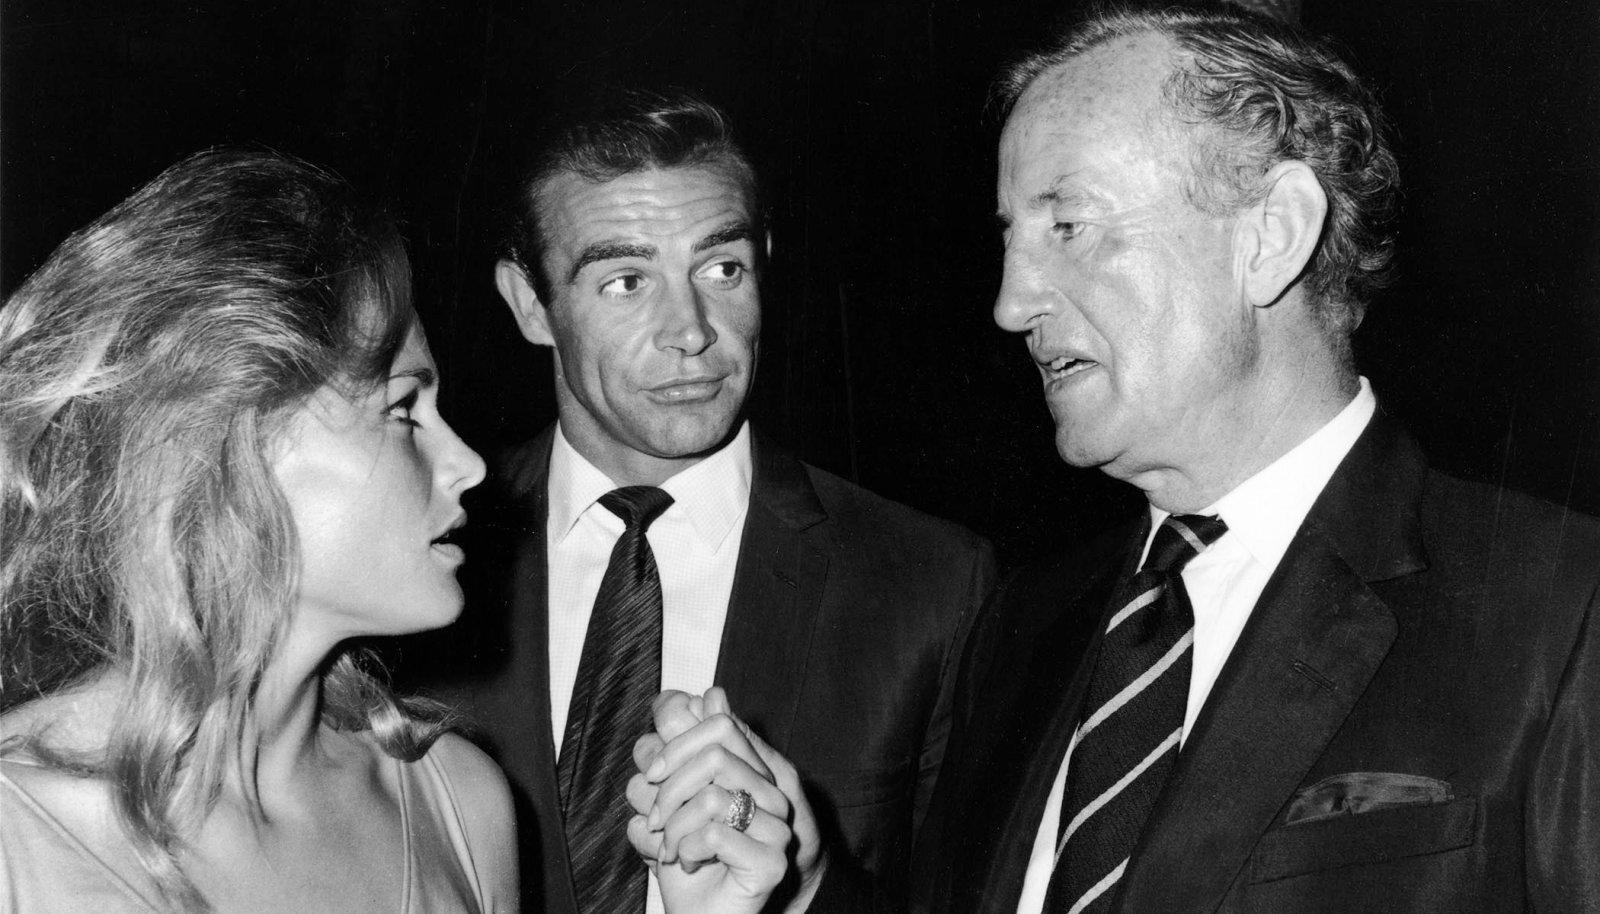 """Bondi-tüdruk Ursula Andress, legendaarne Sean Connery ja Bondi-lugude autor Ian Fleming filmi """"Dr. No"""" (1962) võtetel."""